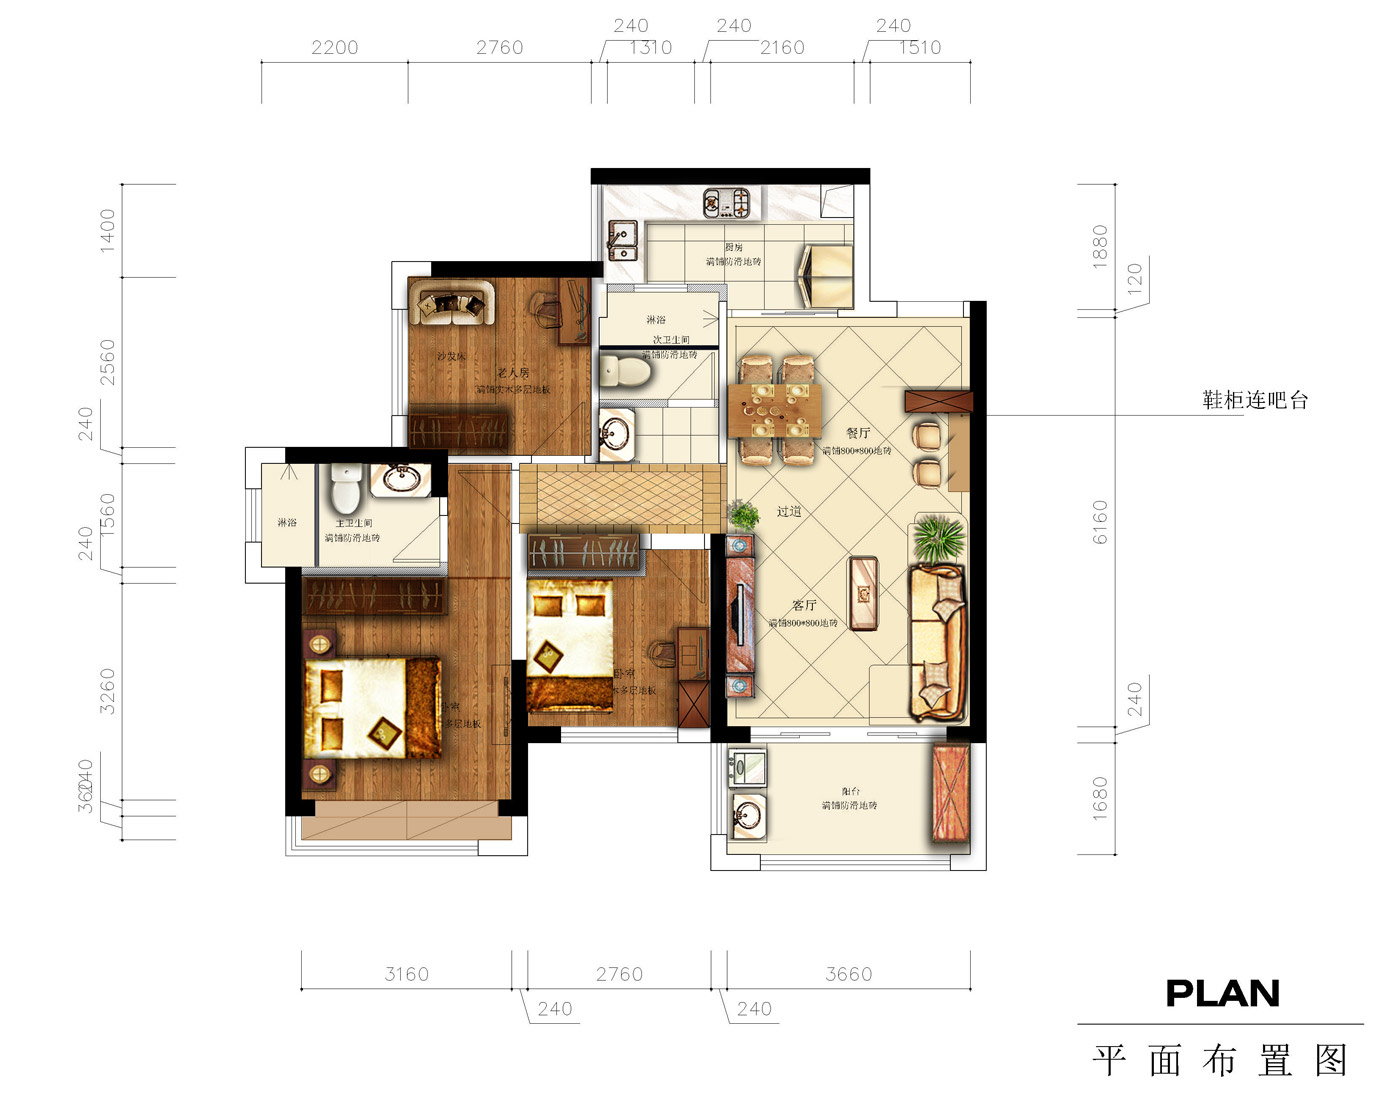 主卧室格局大致相同,主卫浴也没有太大的改动,小玄关设计增加了卧室入门的过渡空间,可考虑增添收纳设计。另外,设计师建议卧室用多层地板保暖,卫浴用防滑地砖。 继续沿袭公共空间的白色欧式风格设计,设计师另外在家具上下了功夫,挑选了独具纯白北欧风格的家具组合,简约的线条辅以吊顶灯带设计,尽显一室温馨与浪漫。